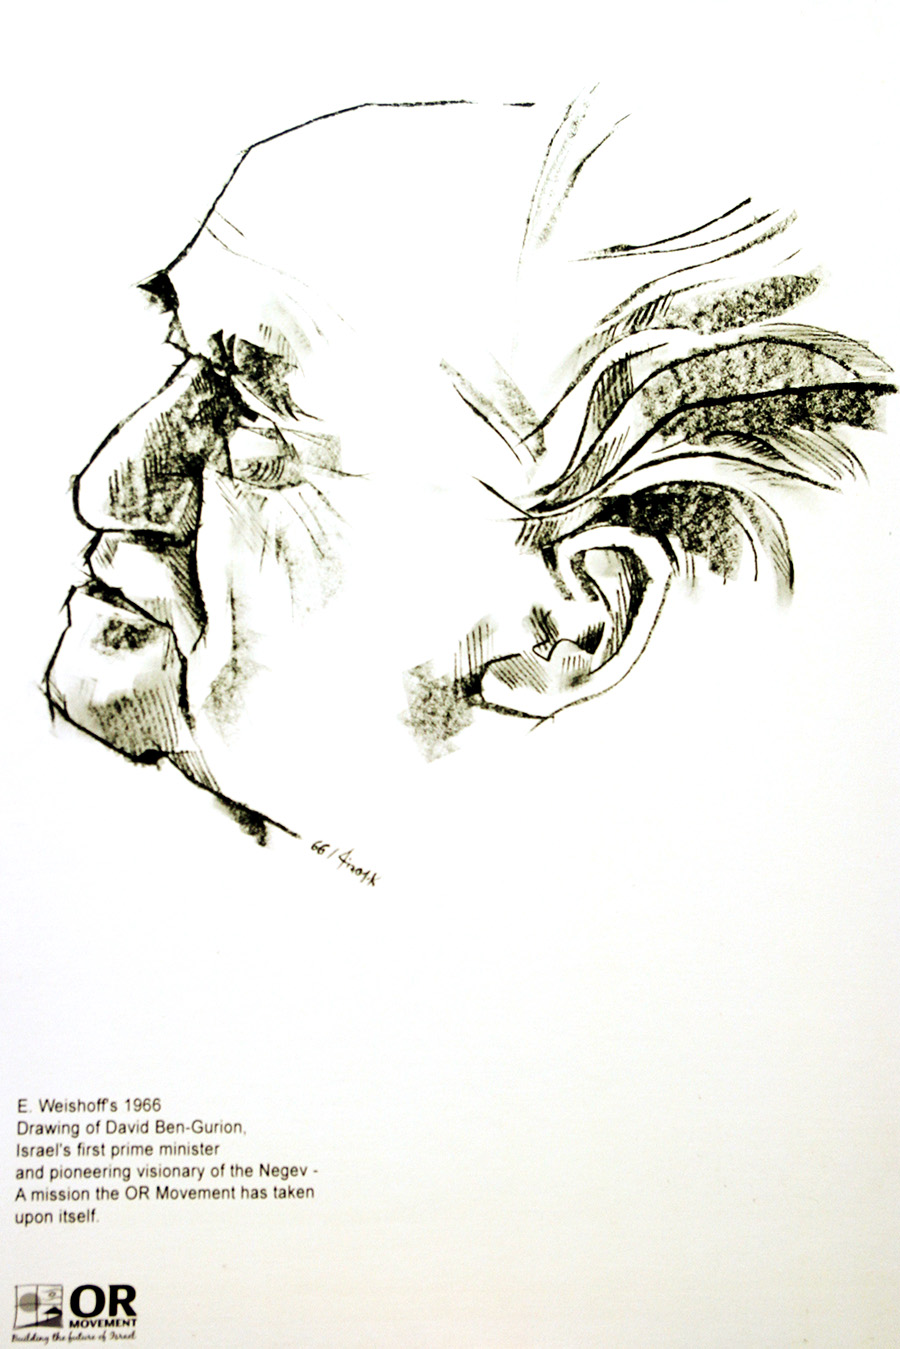 בן גוריון, רישום, 1966. צילום: טל אביגד